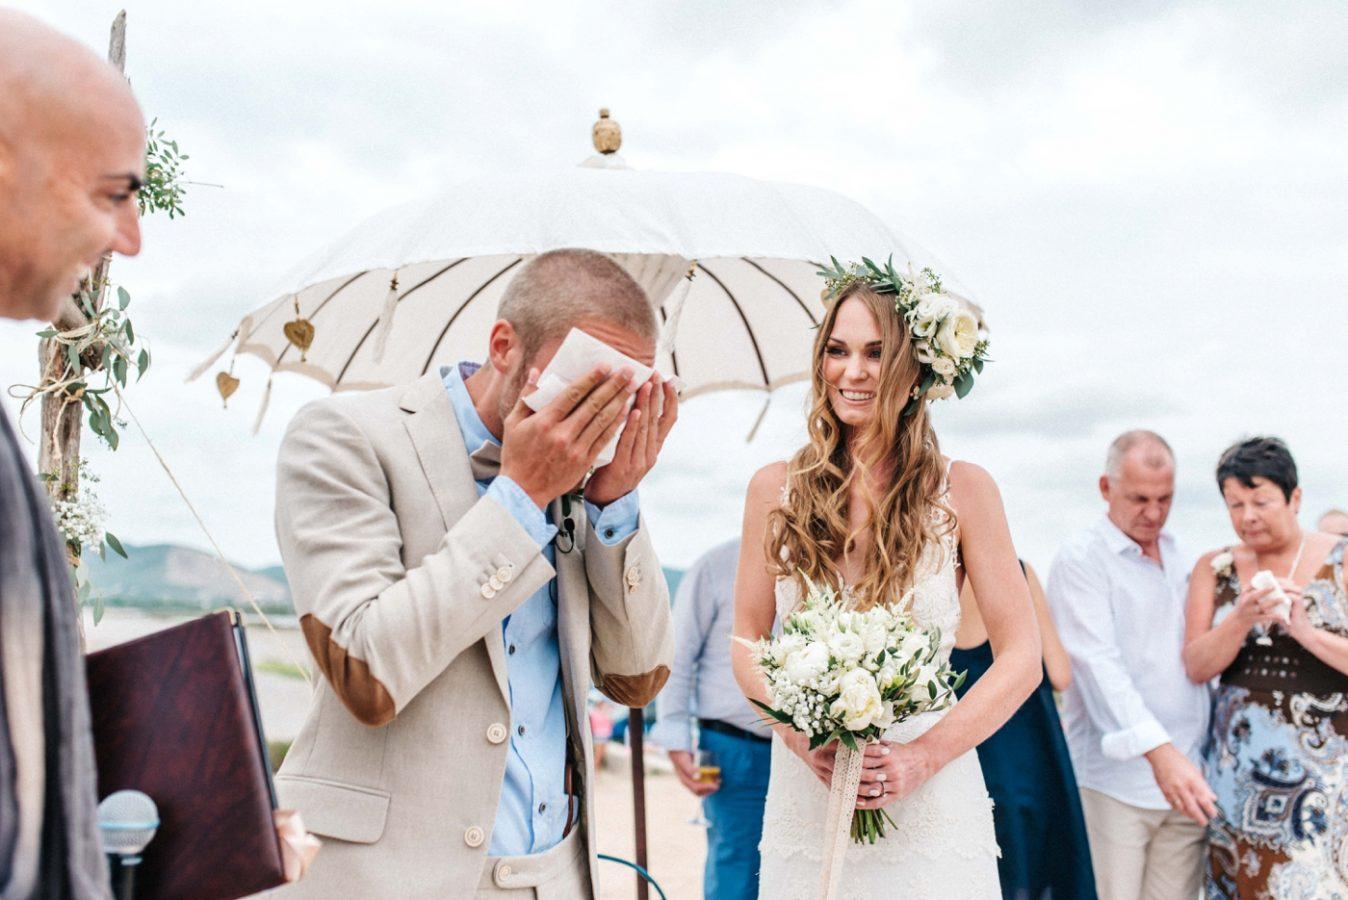 Fotos HochzeitsreportagenFotoshochzeit hochzeitsfotograf international cologne ibiza mallorca 0851